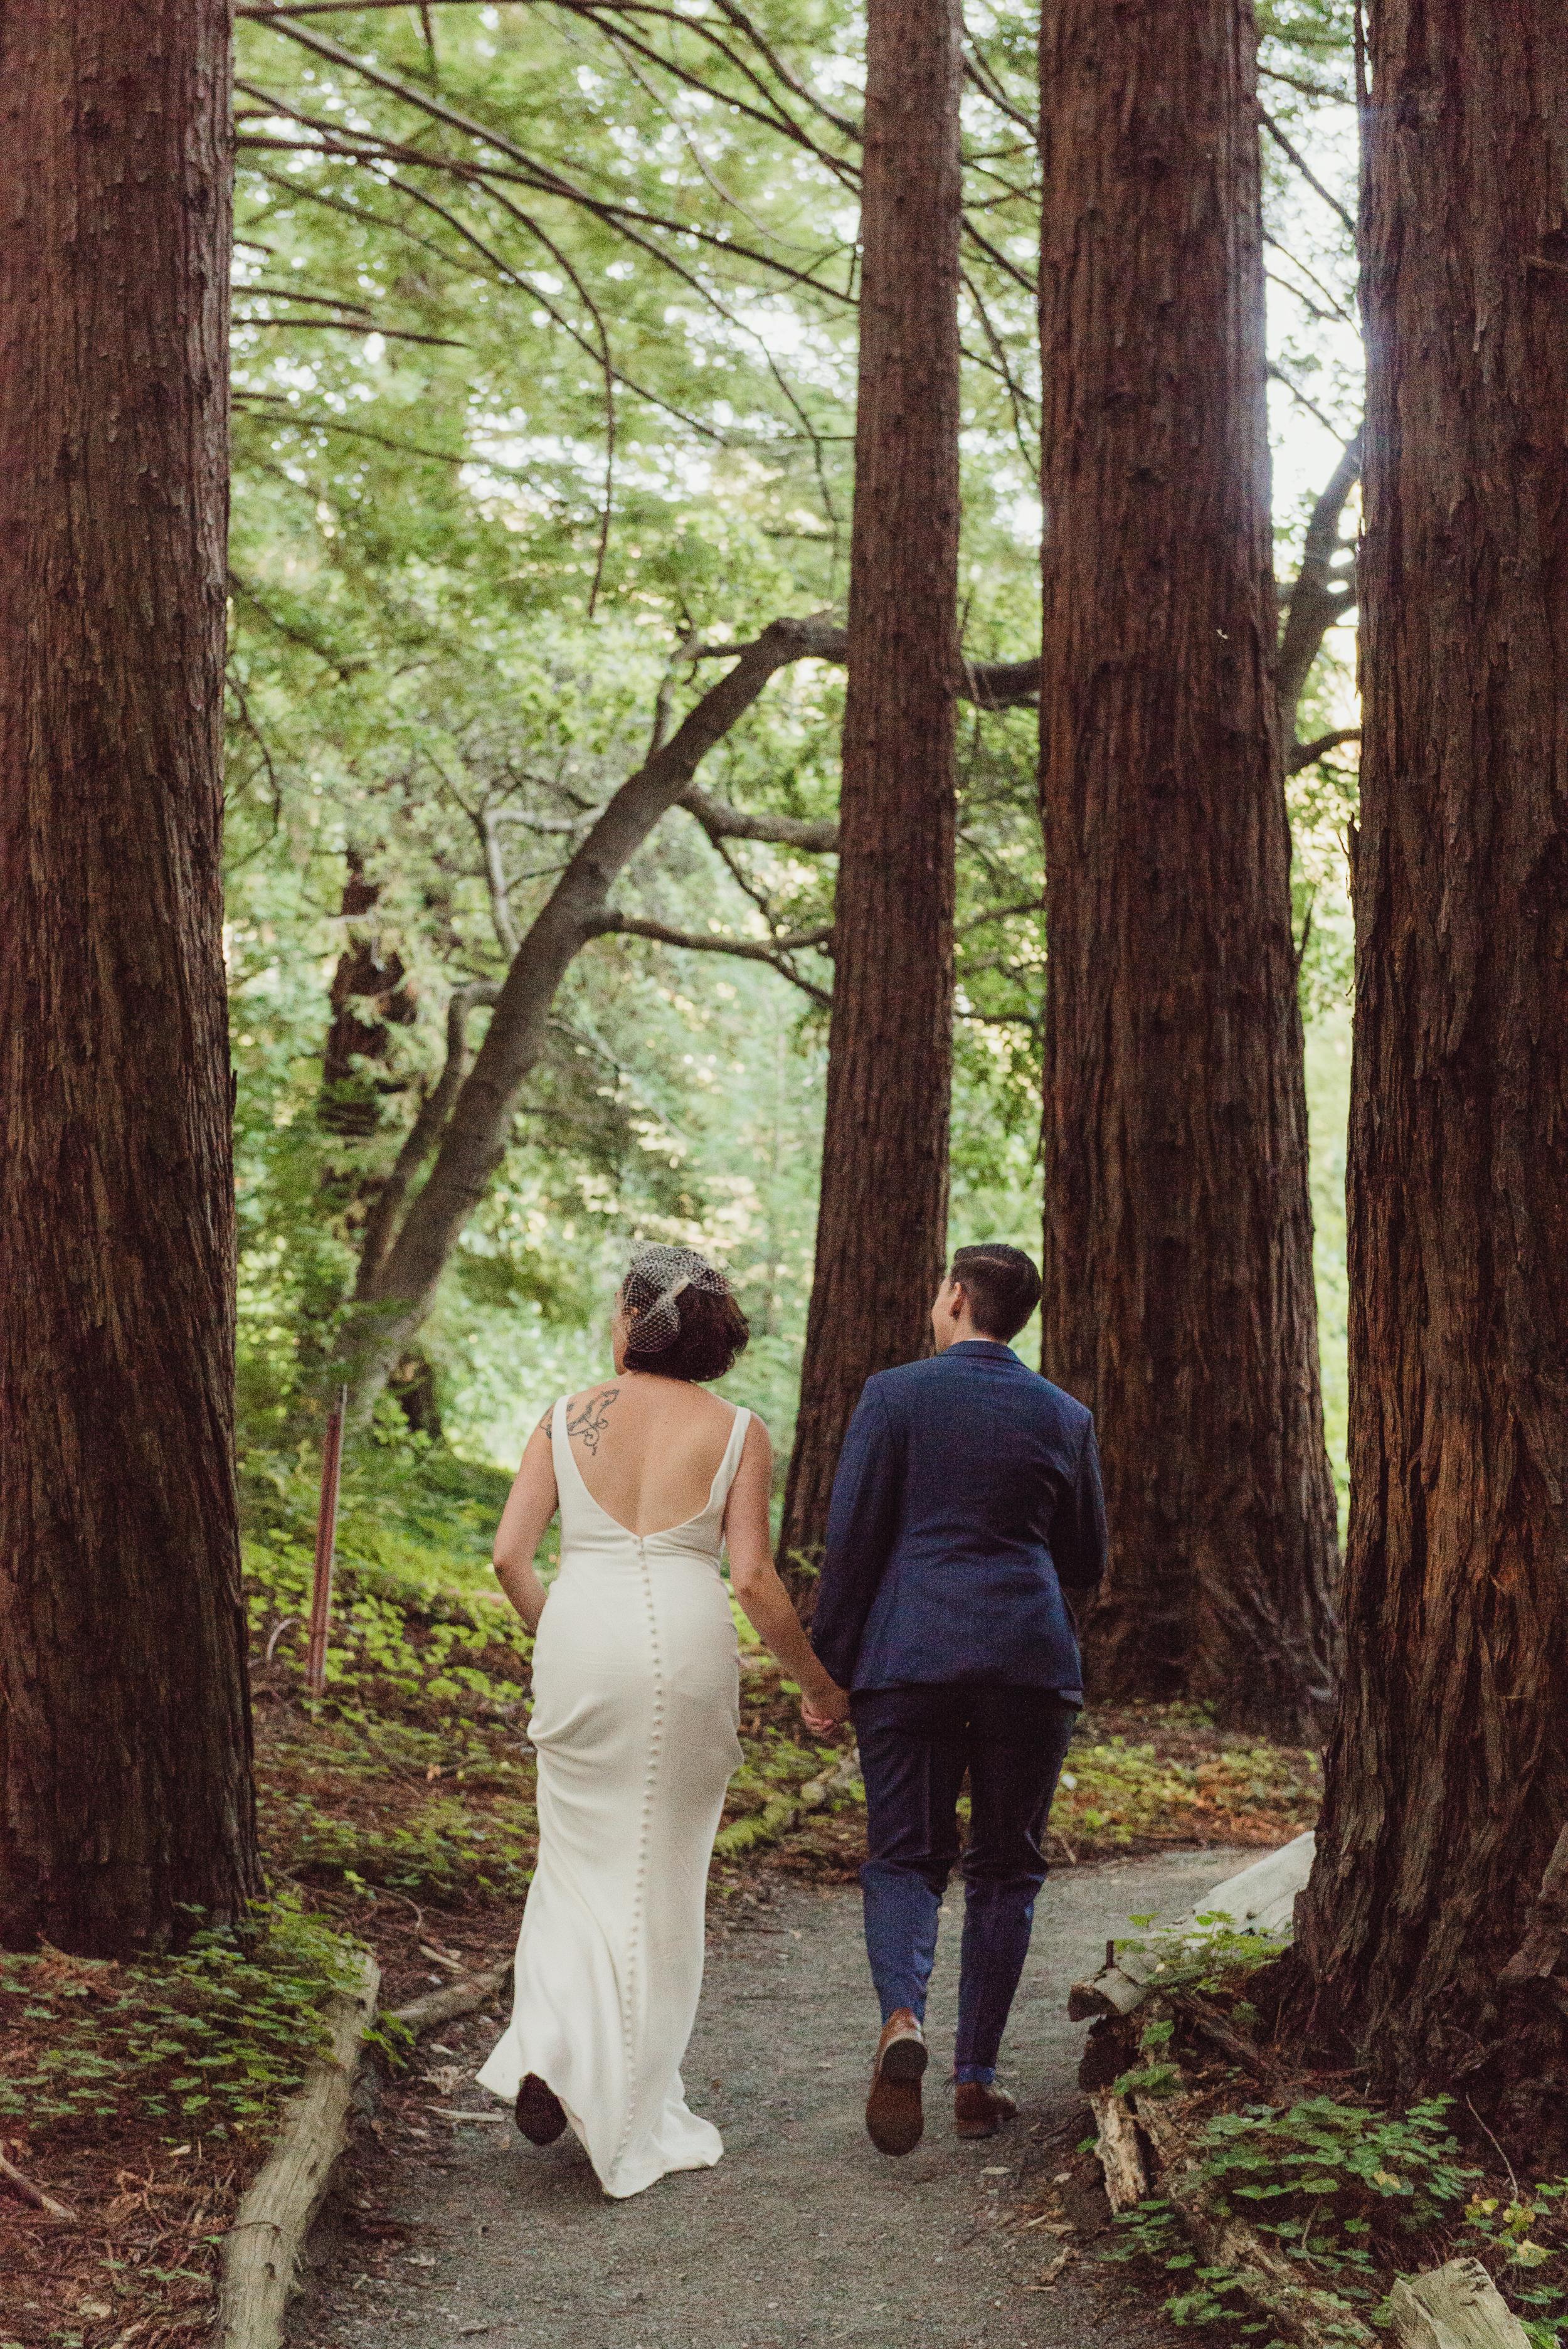 lgbtq-uc-berkeley-botanical-garden-wedding-vivianchen-056.jpg